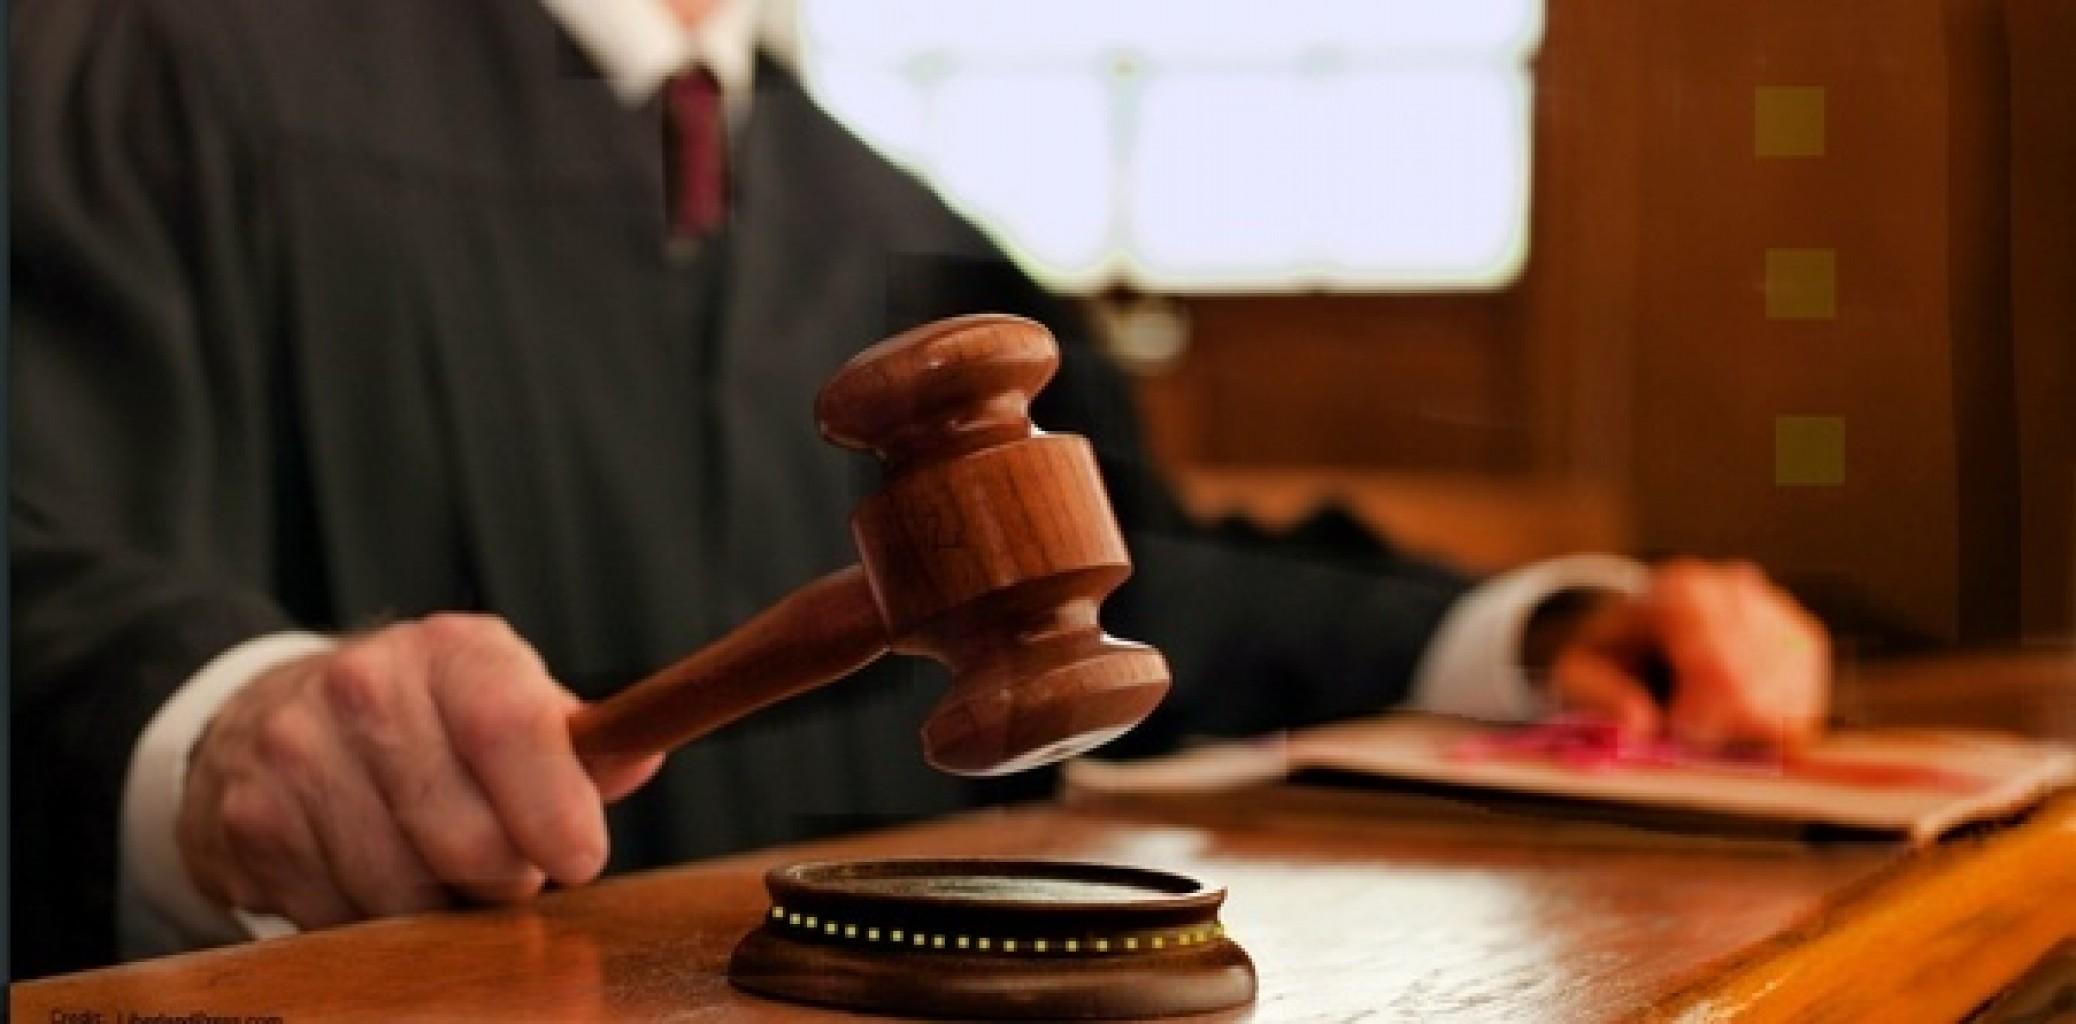 Nuevo juez en la Corte Suprema